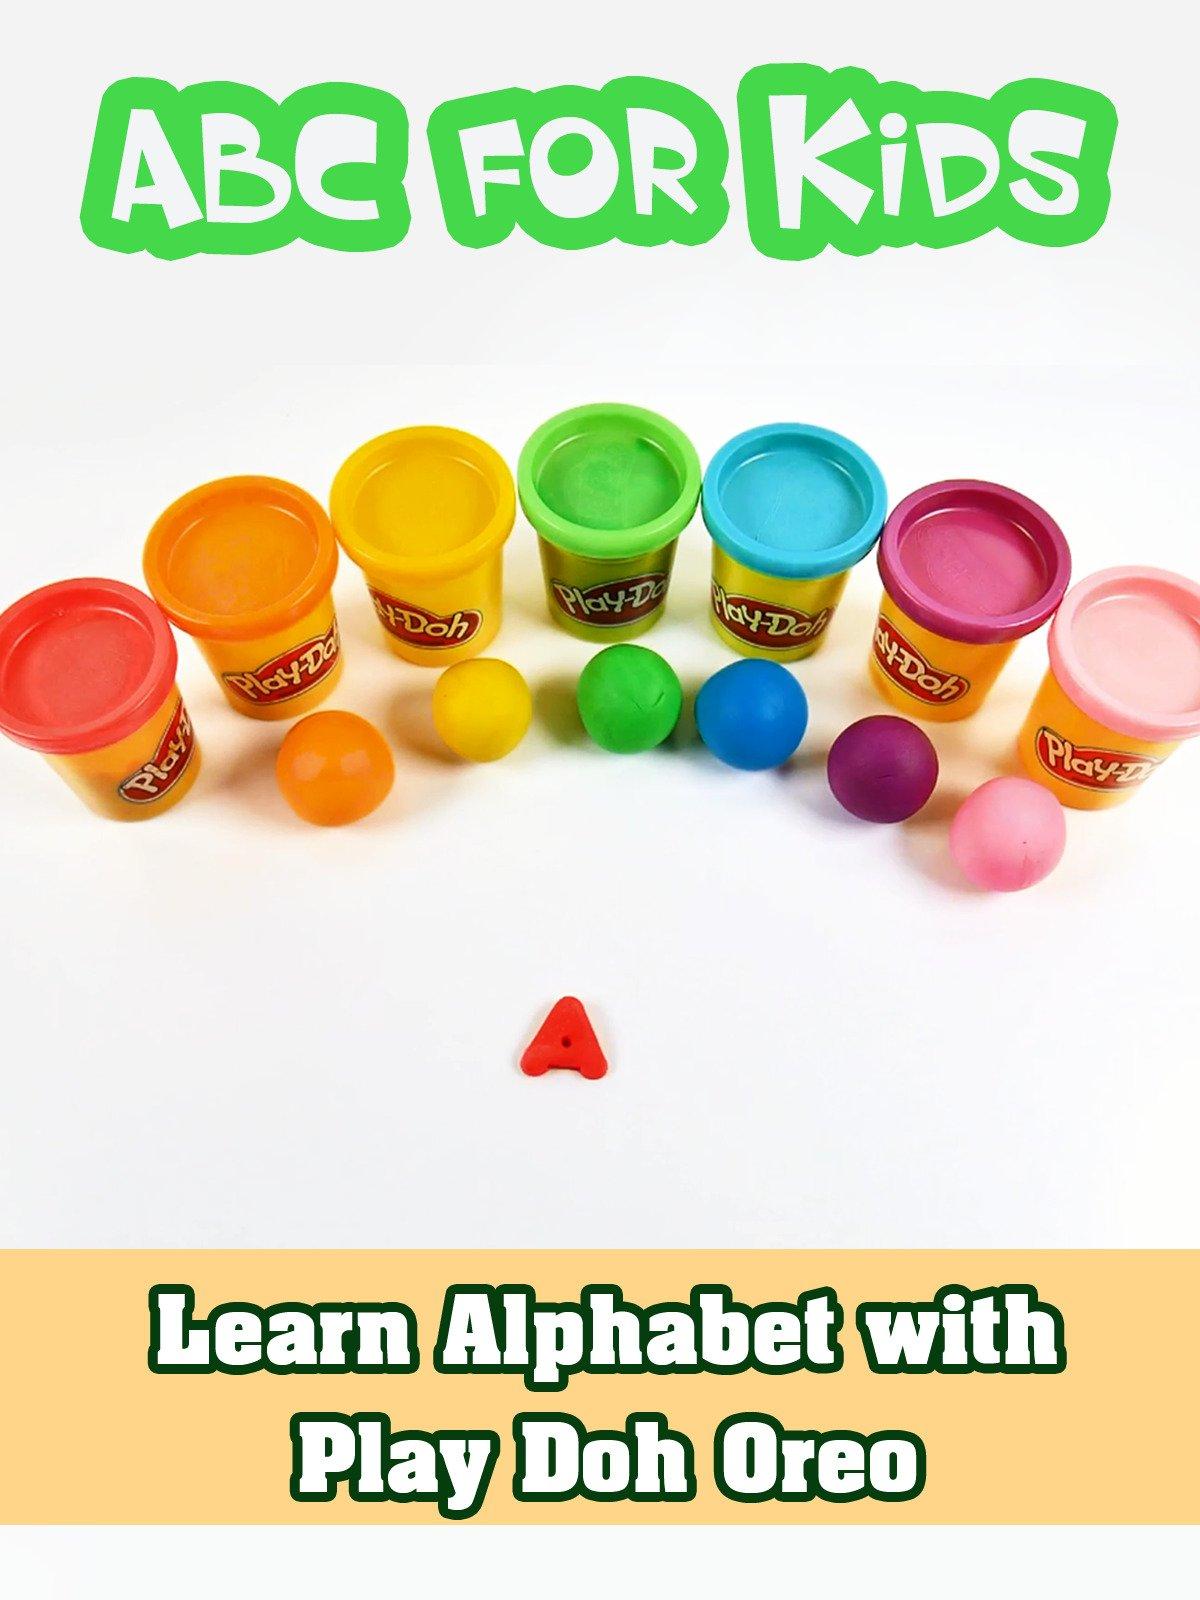 Learn Alphabet with Play Doh Oreo